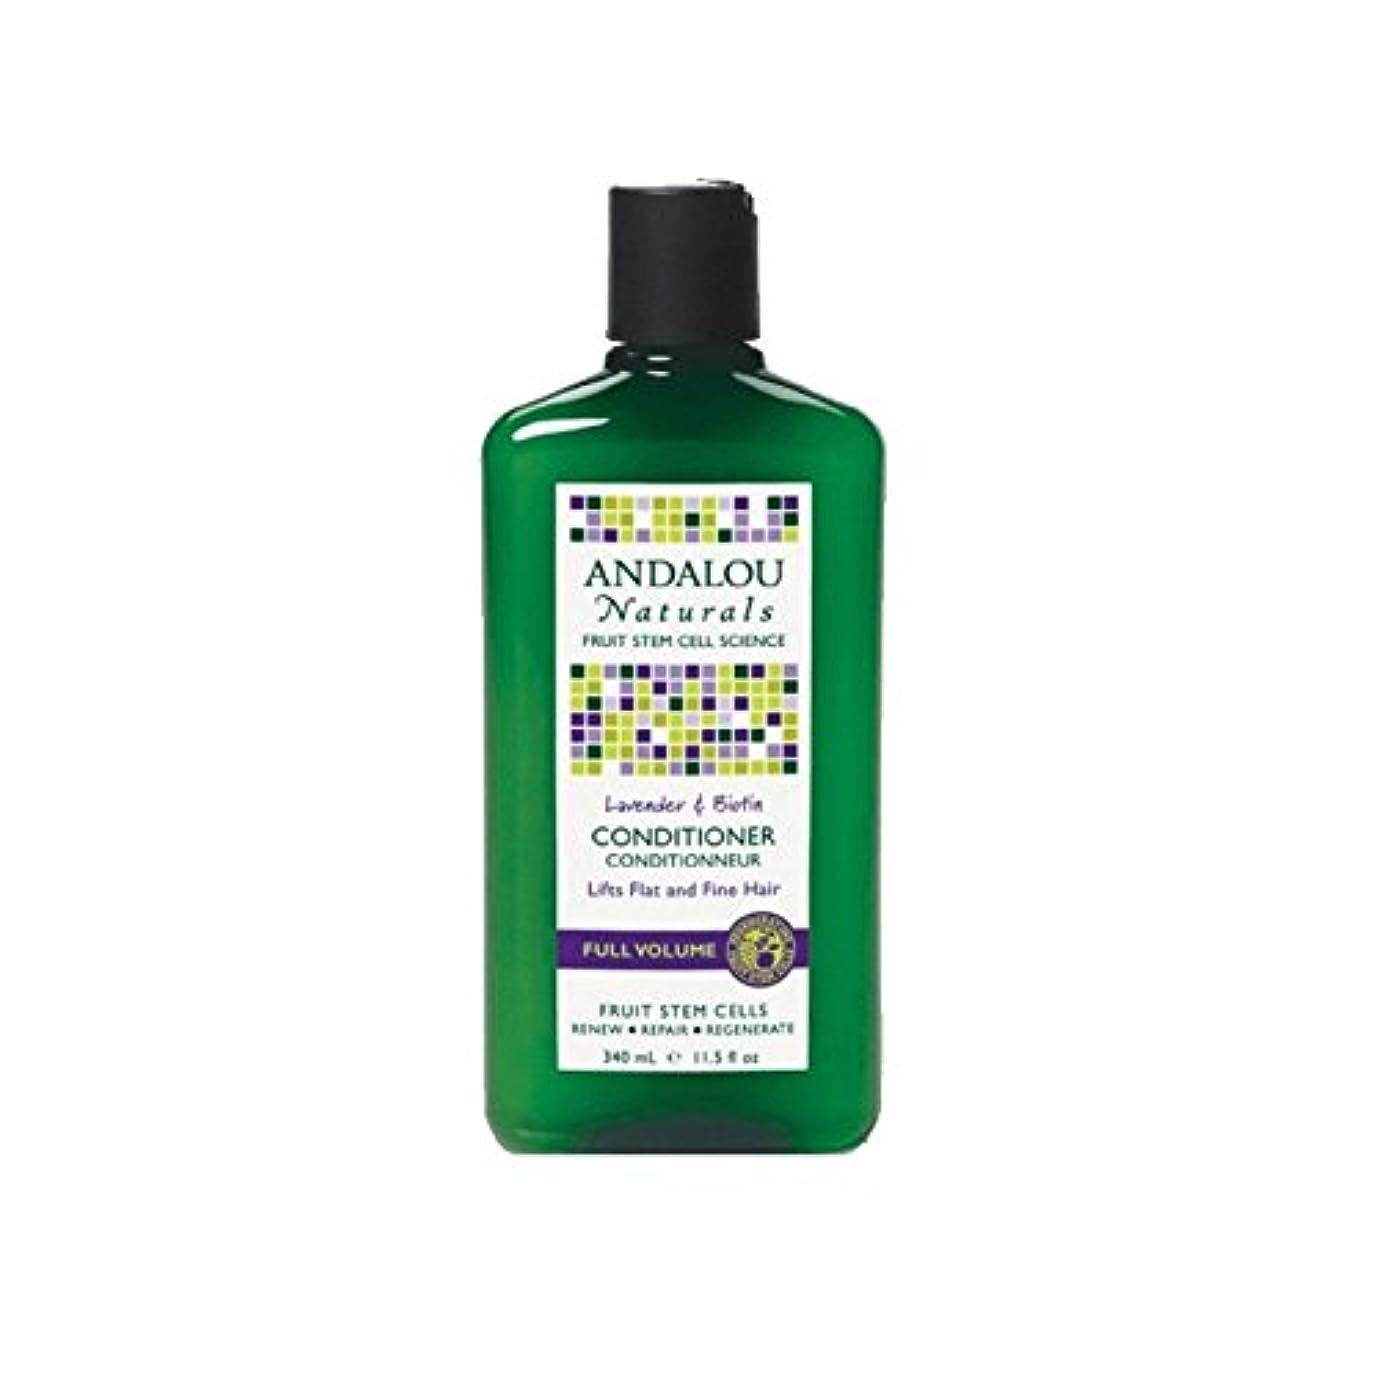 池ウッズ聞きますアンダロウラベンダー&ビオチンフルボリュームコンディショナー340ミリリットル - Andalou Lavender & Biotin Full Volume Conditioner 340ml (Andalou) [並行輸入品]